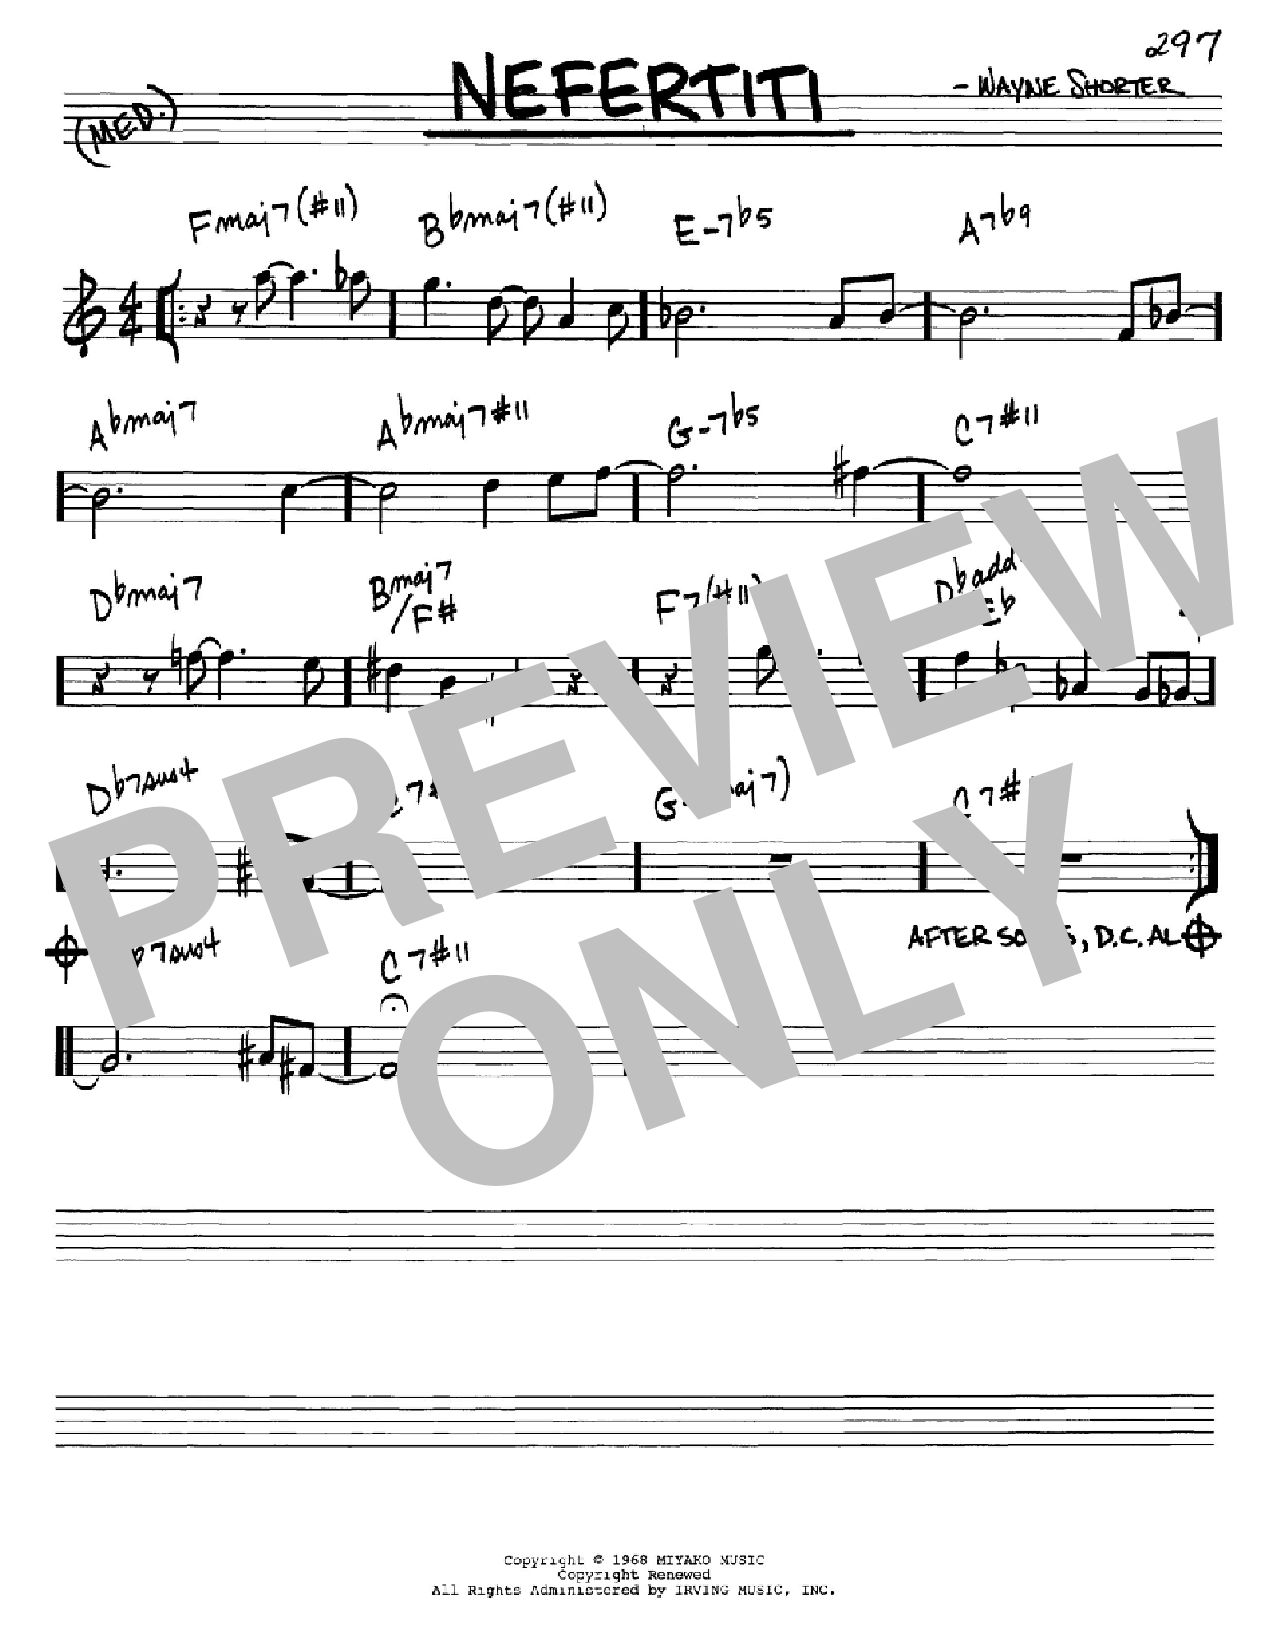 Partition autre Nefertiti de Wayne Shorter - Real Book, Melodie et Accords, Inst. En Mib